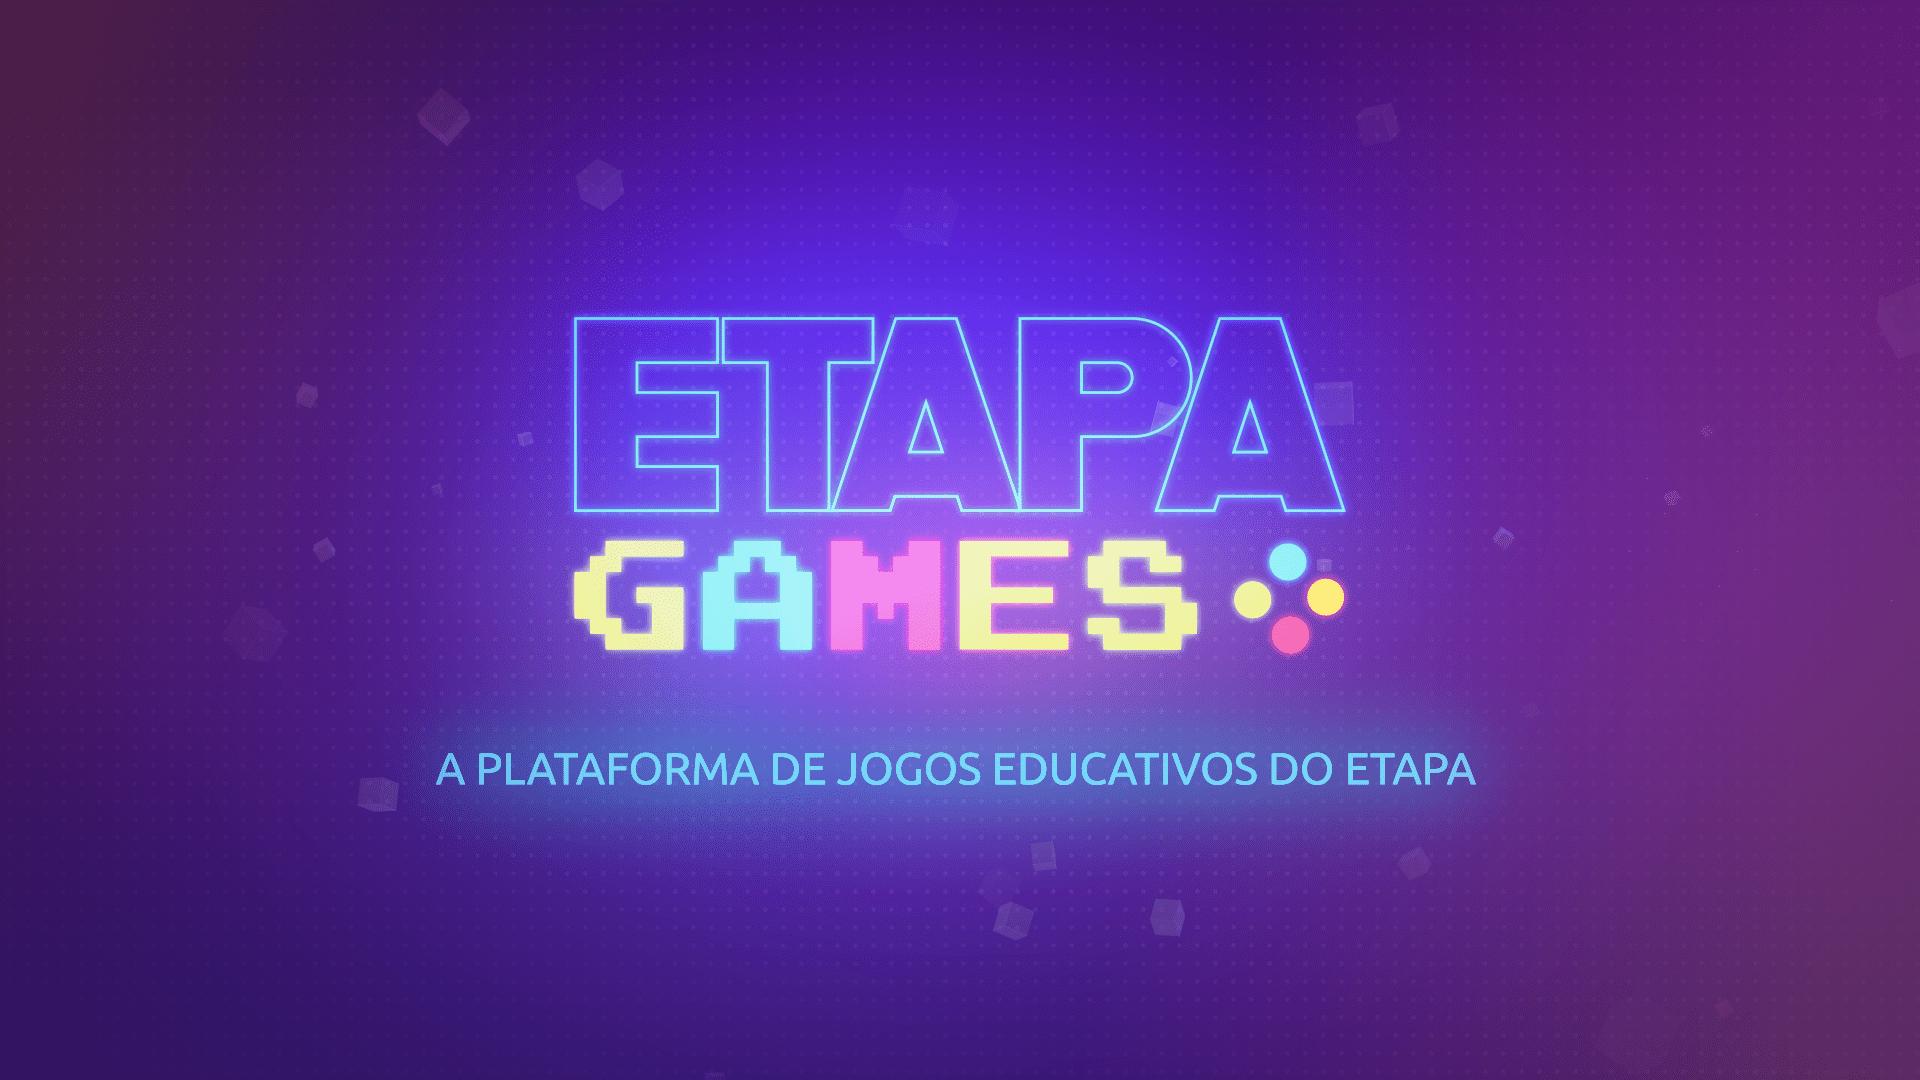 Com a plataforma de jogos educativos, os estudantes também poderão aprender brincando, a partir do uso de dispositivos eletrônicos.